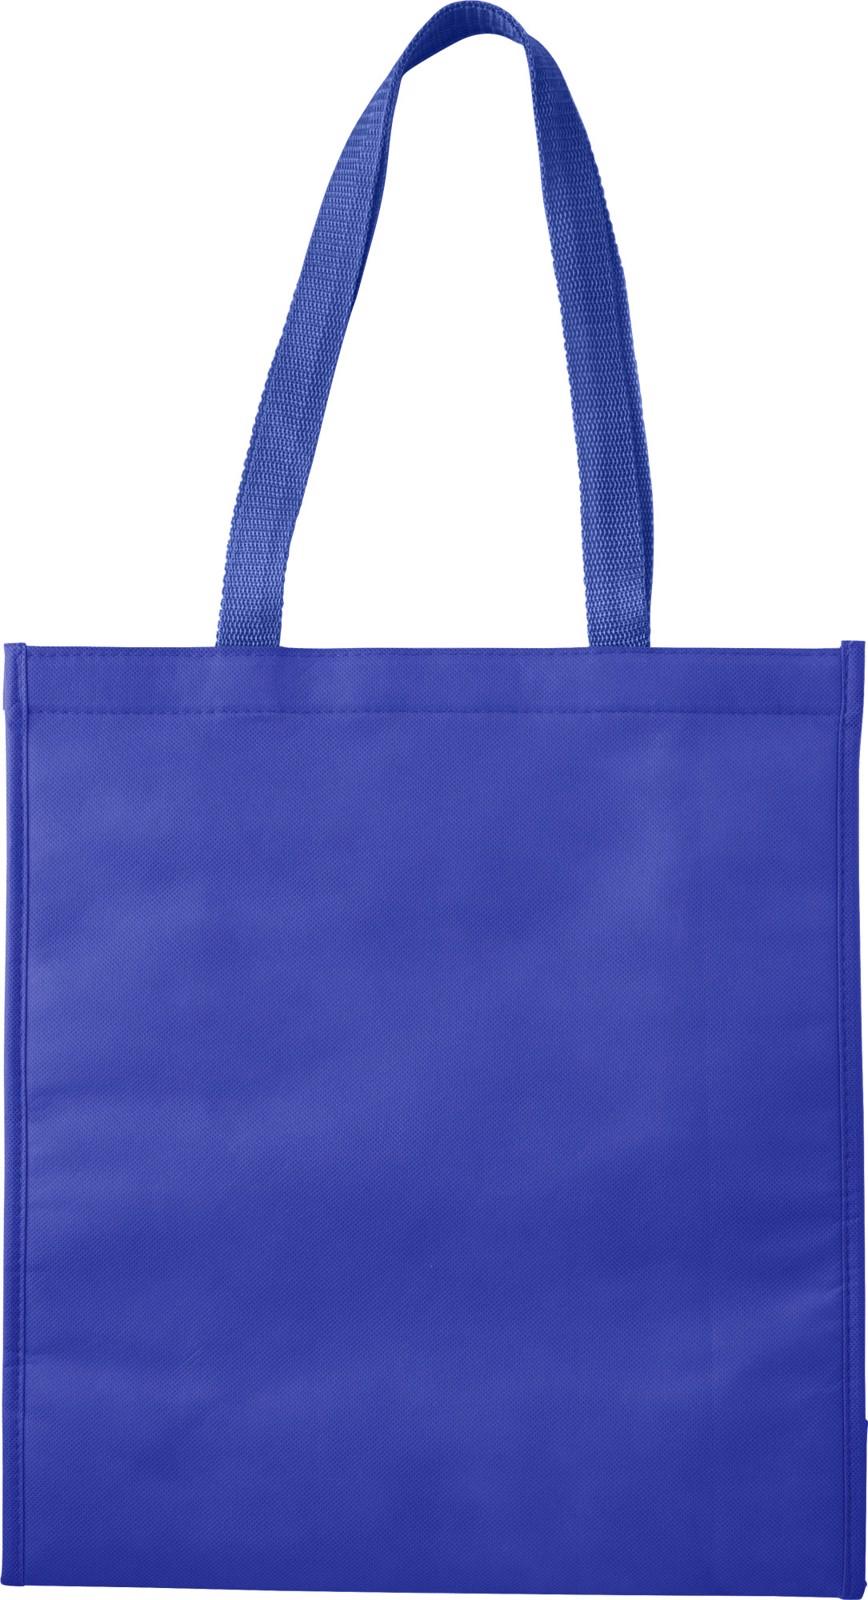 Nonwoven (80gr/m²) cooling bag - Cobalt Blue